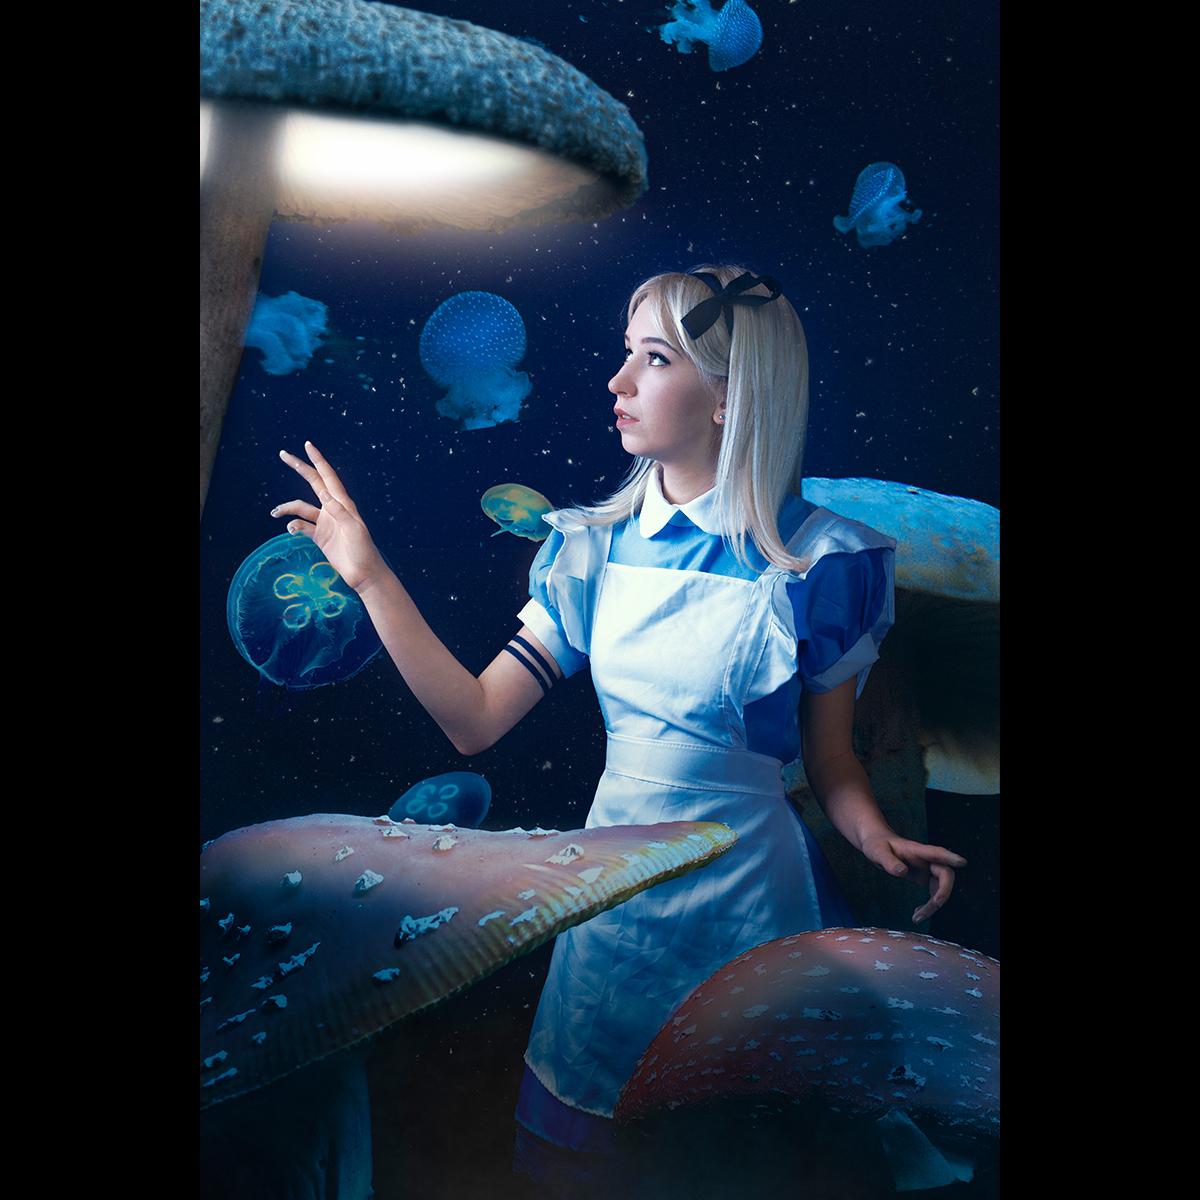 Łukasz Liszko - fotografia cosplay - Natalia Nowicka - Alice in Wonderland